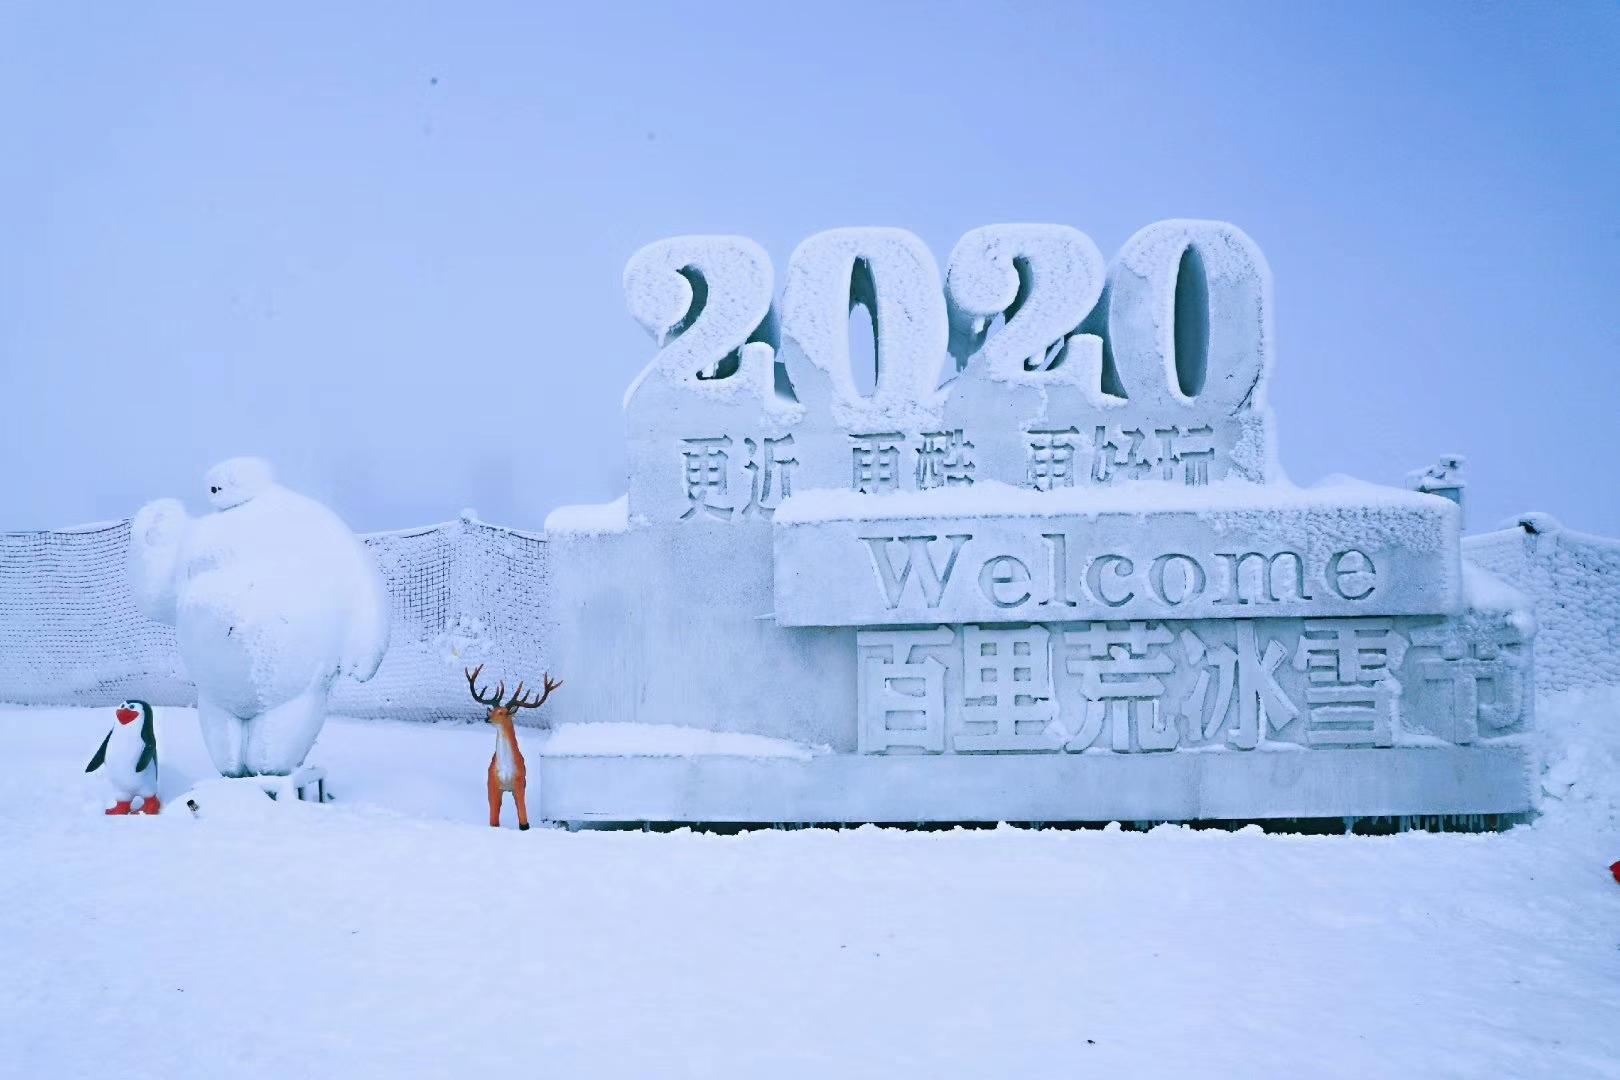 百里荒冰雪节正式拉开帷幕 引领宜昌冬季旅游的新风潮